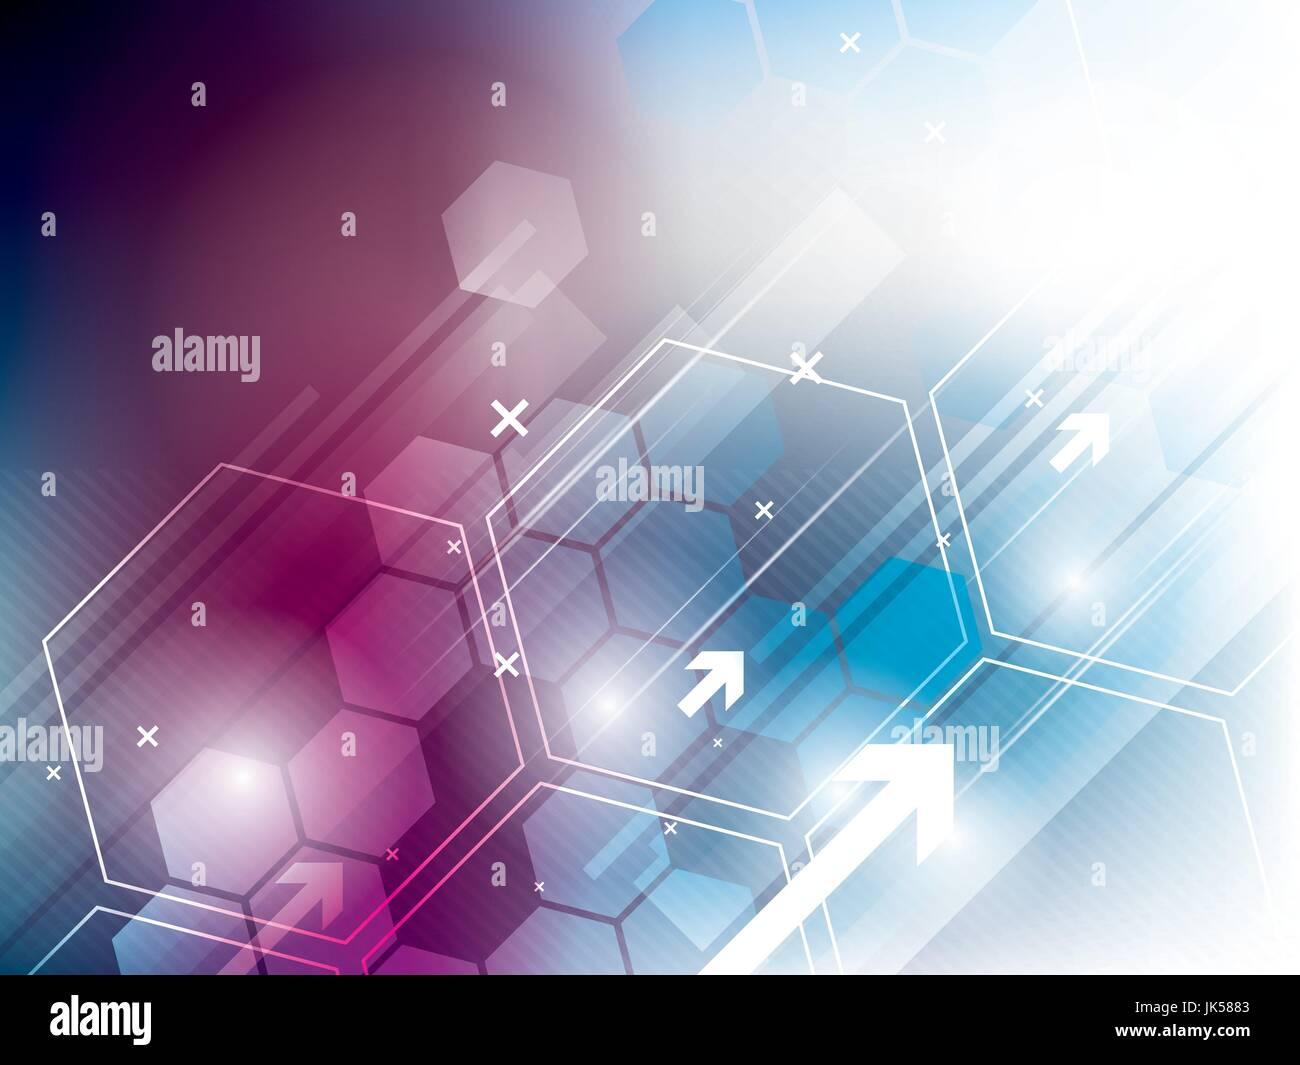 Tecnología de fondo abstracto con hexágonos Imagen De Stock